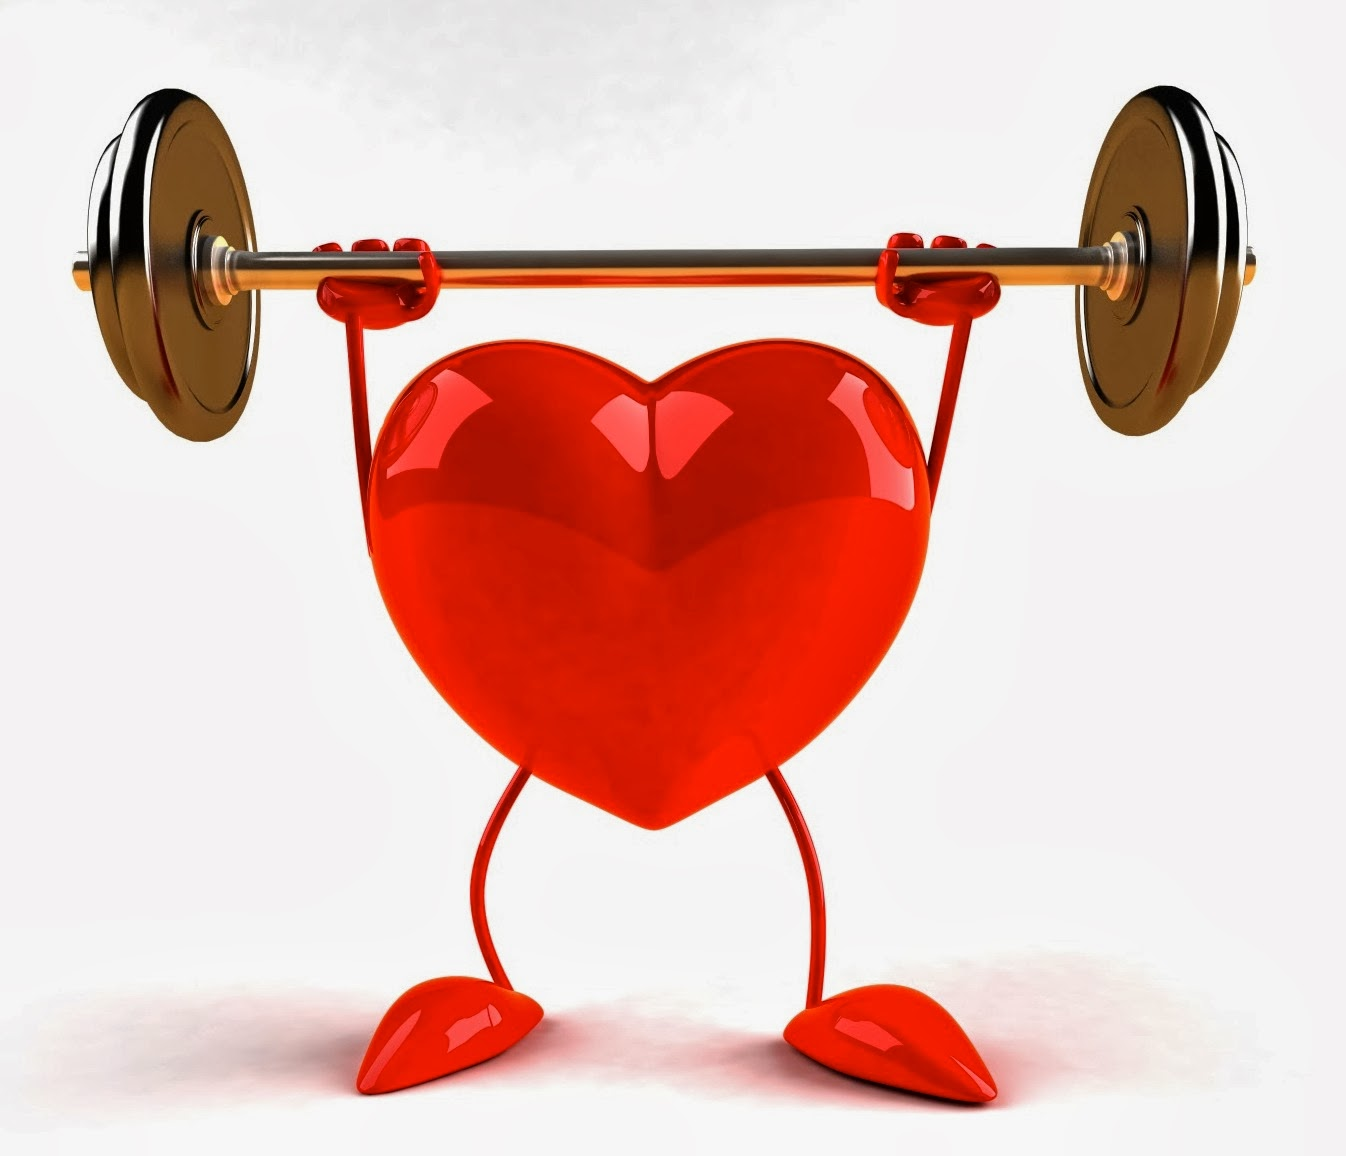 Πως θα «γλιτώσετε» την καρδιά σας από το άγχος των ημερών;